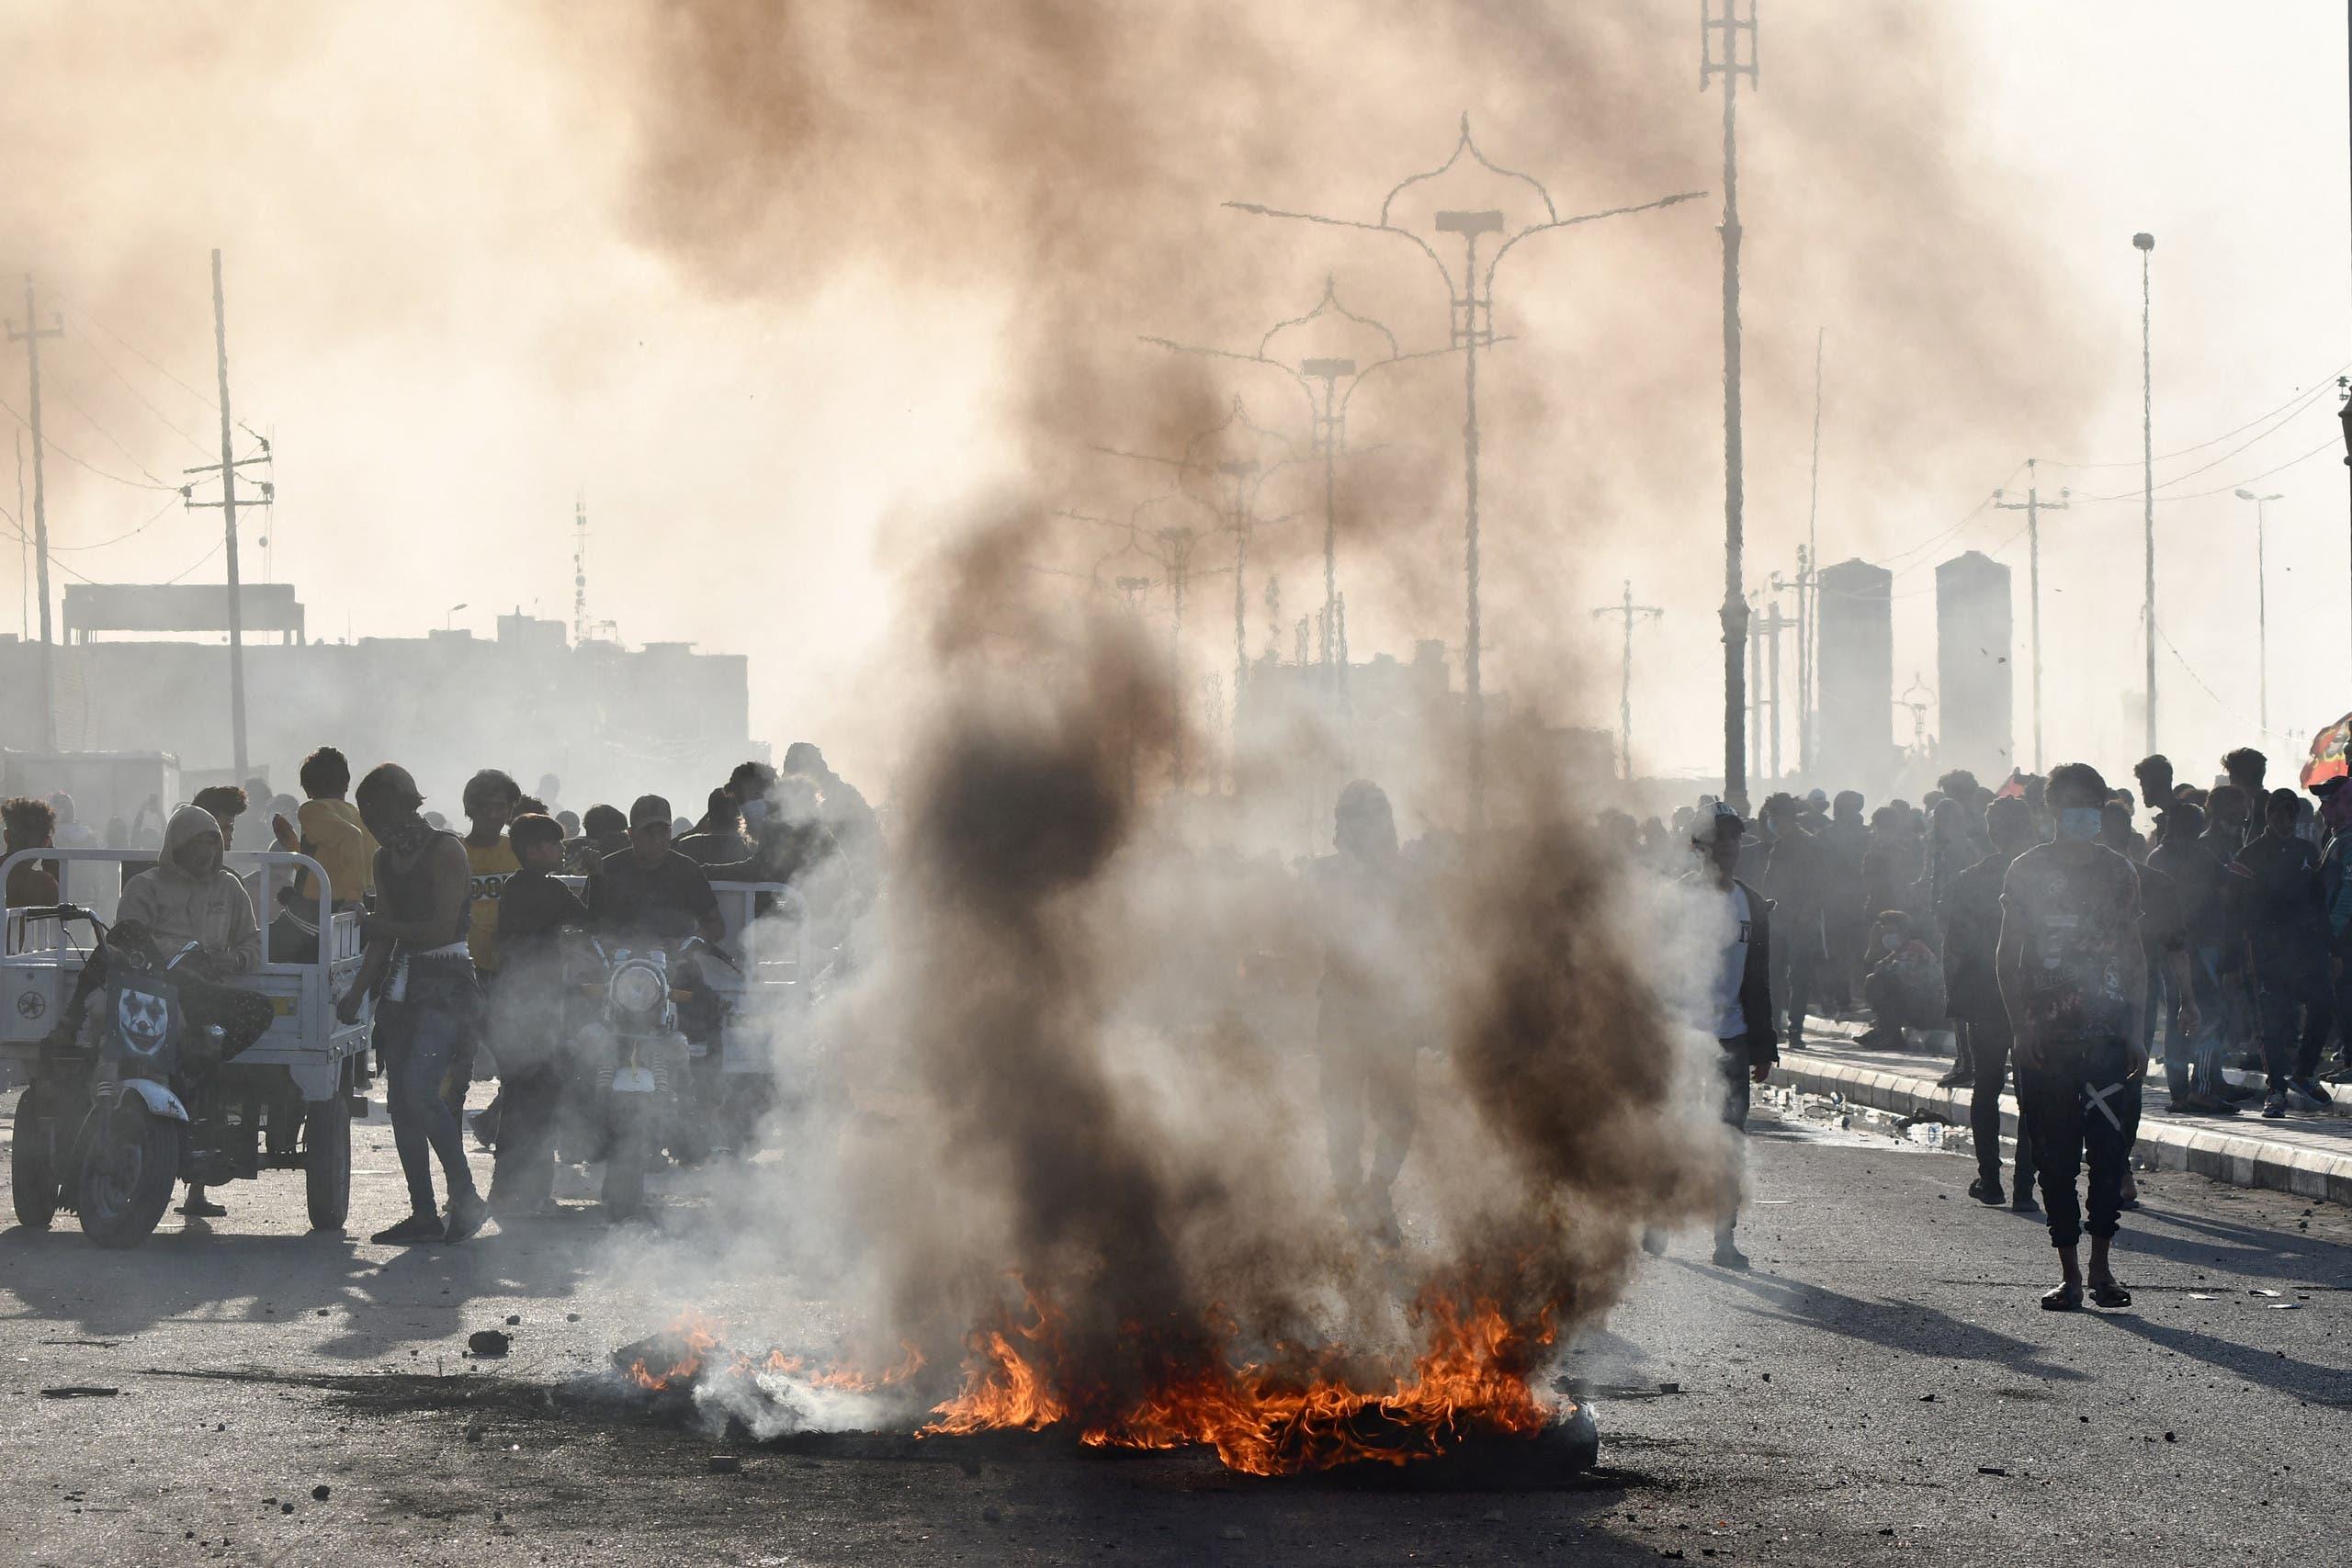 احتجاجات سابقة في ذي قار في فبراير الماضي